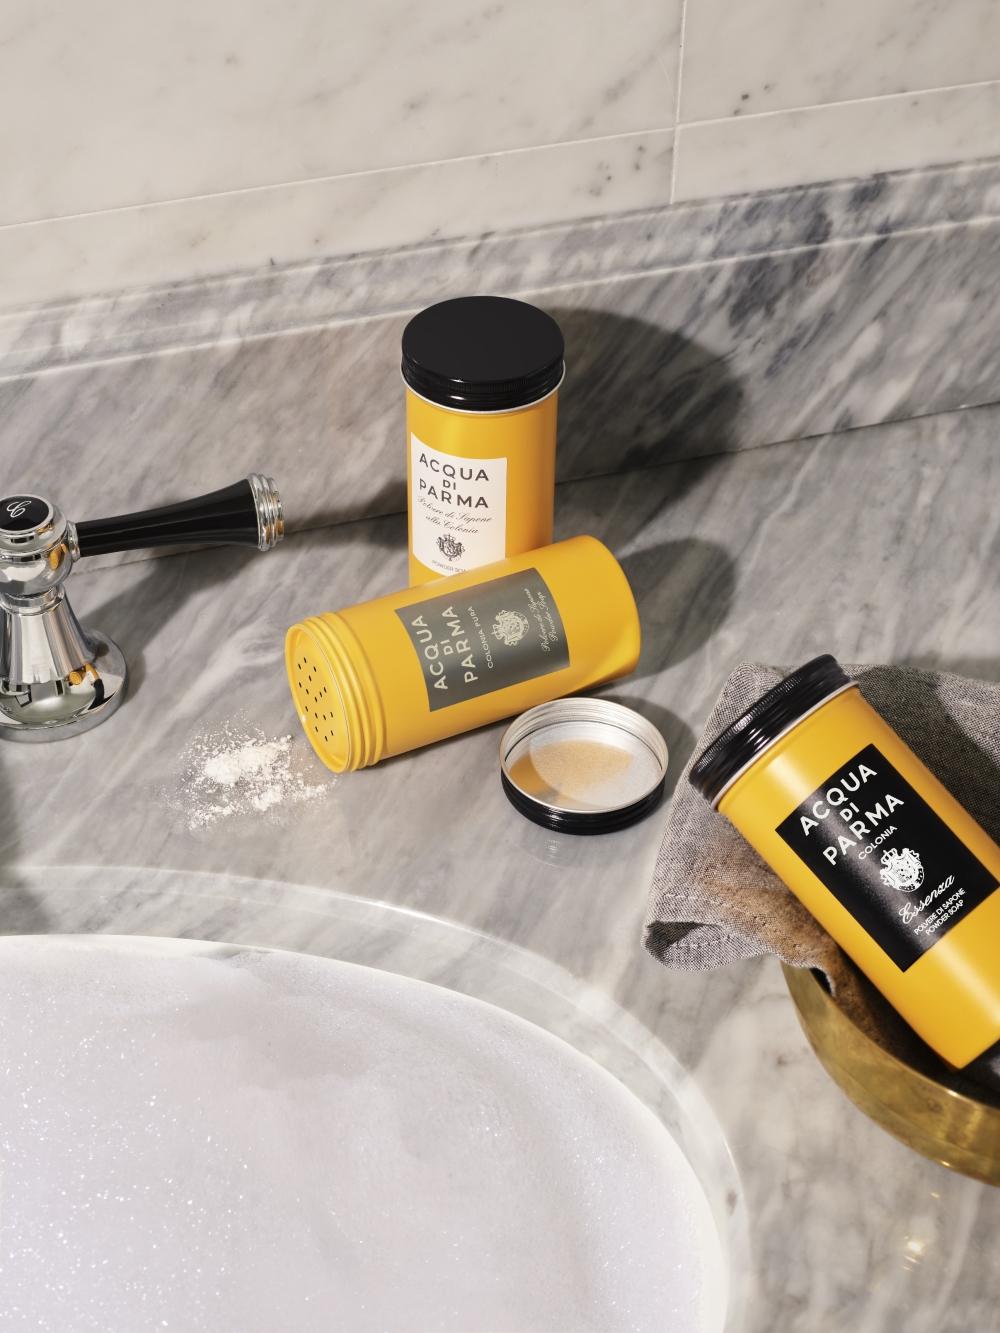 Σαπούνι σε πούδρα; Κι όμως υπάρχει και είναι ότι καλύτερο δοκιμάσαμε τελευταία! | tlife.gr